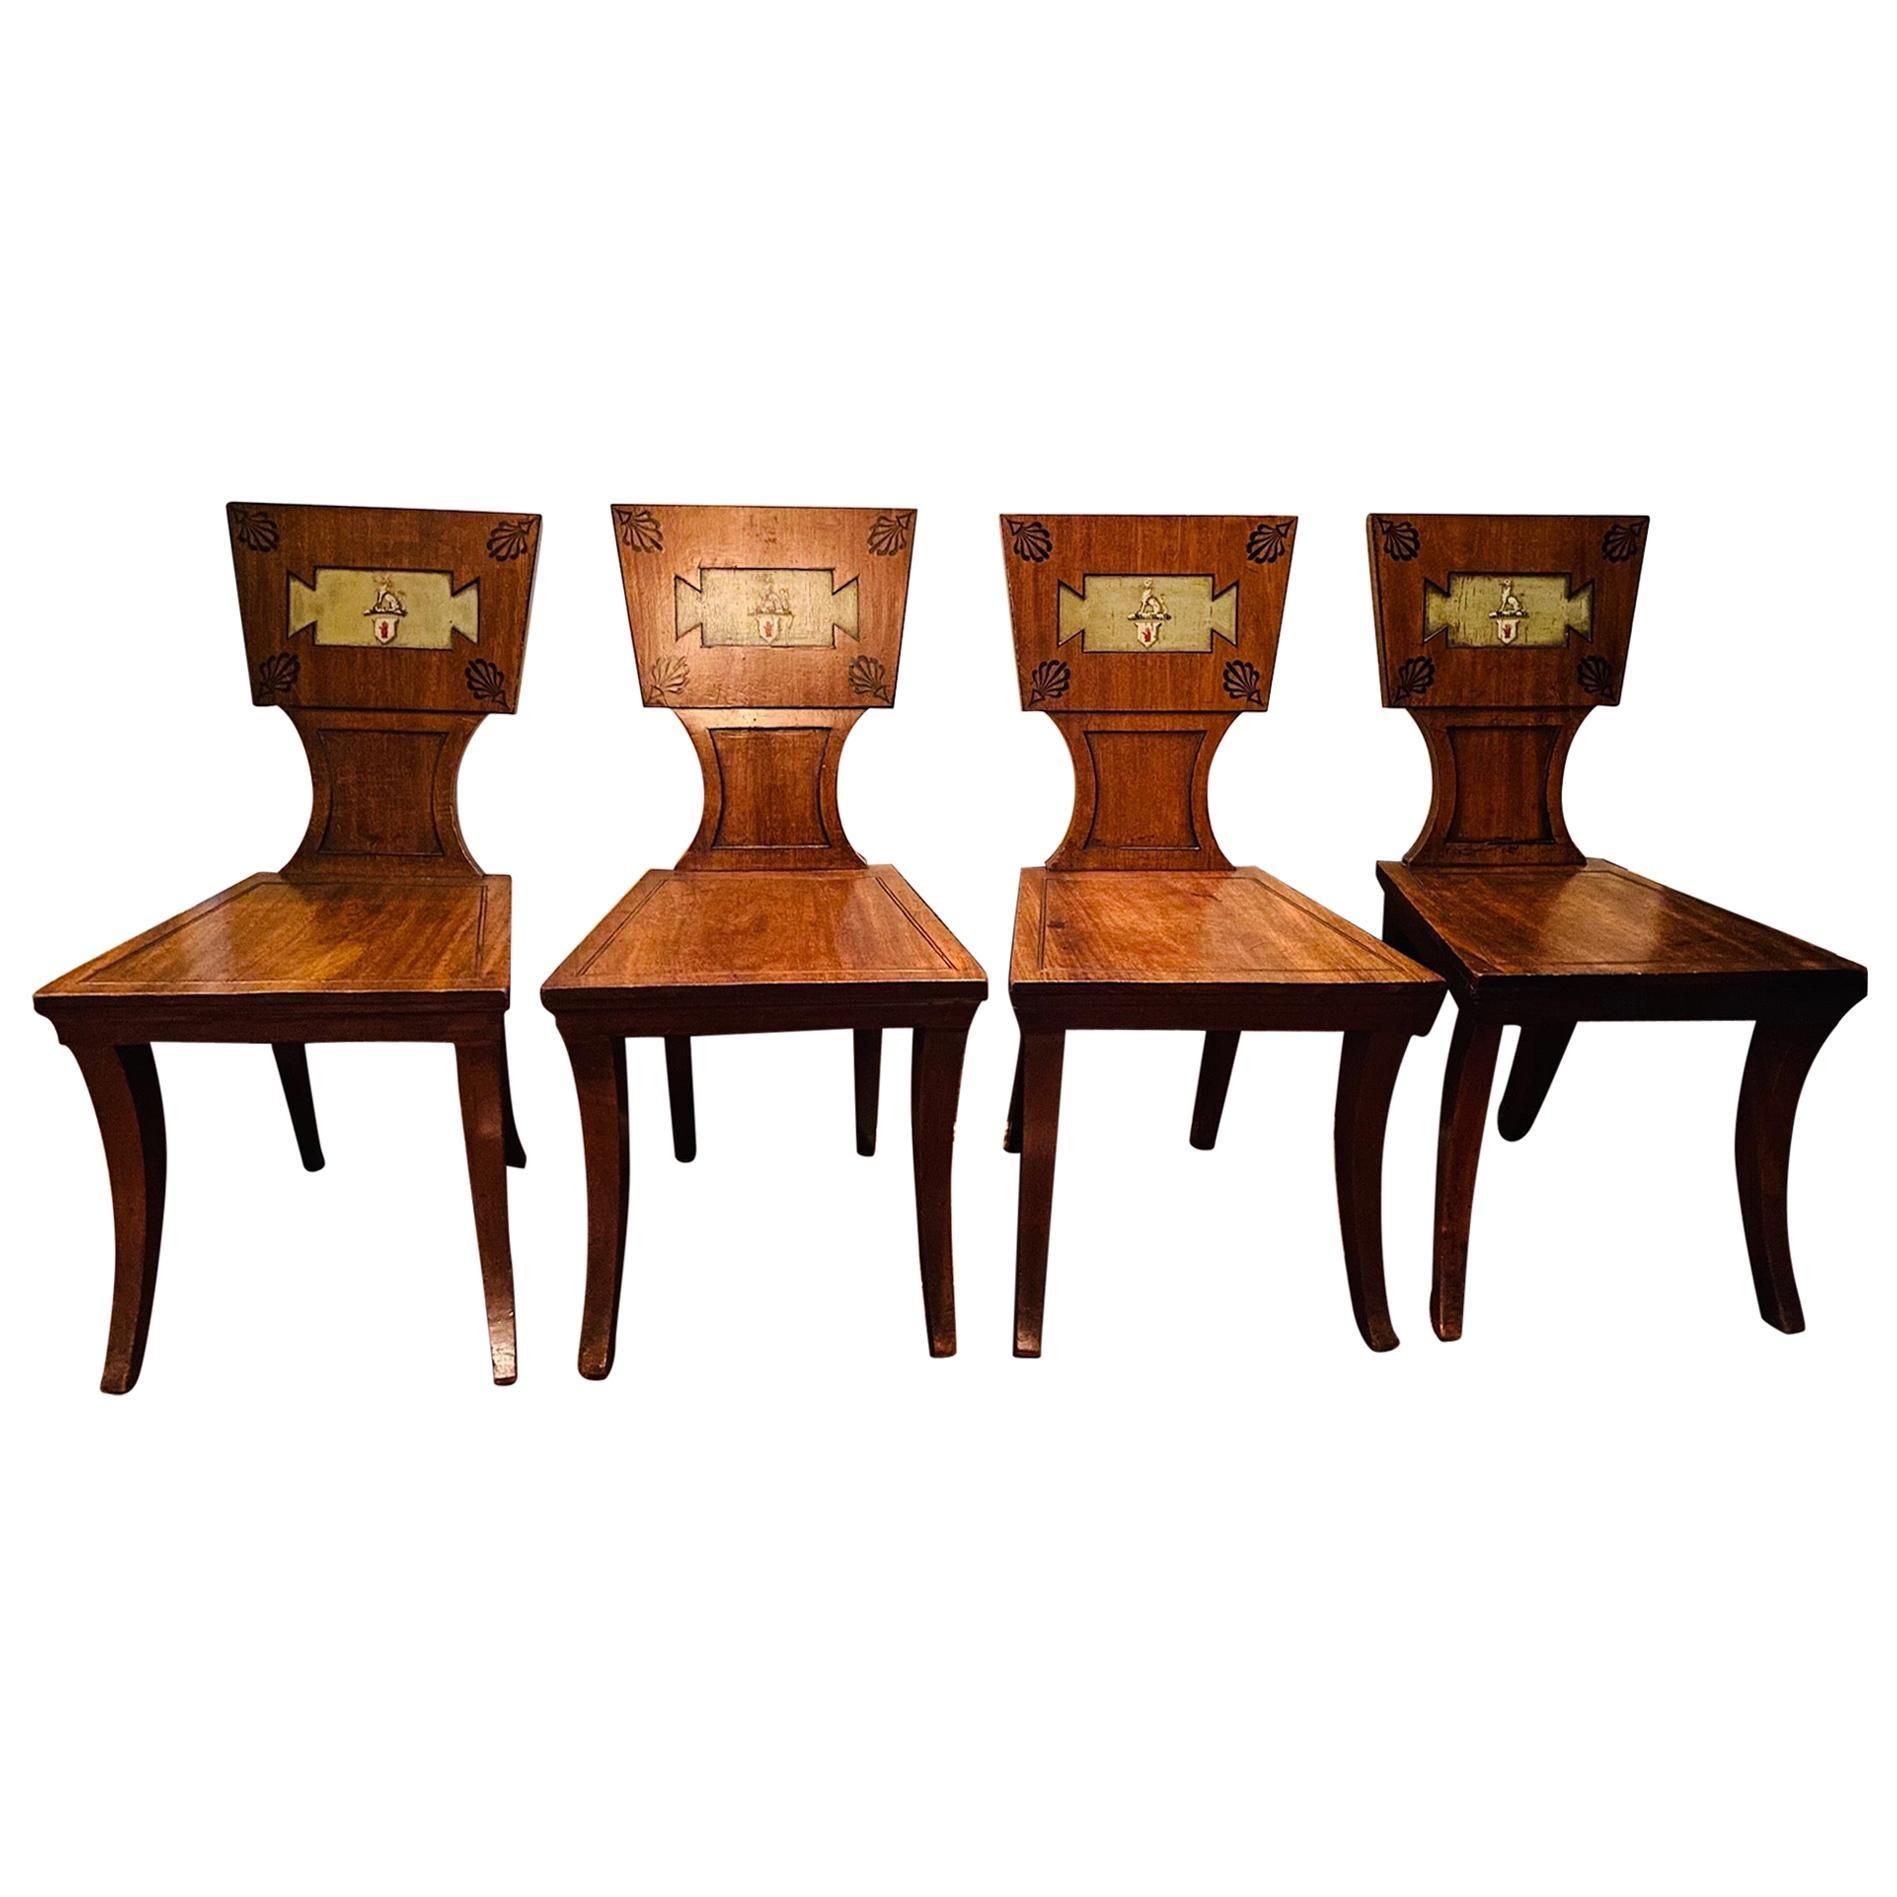 Set of Four Regency Mahogany and Ebony Armorial Hall Chairs